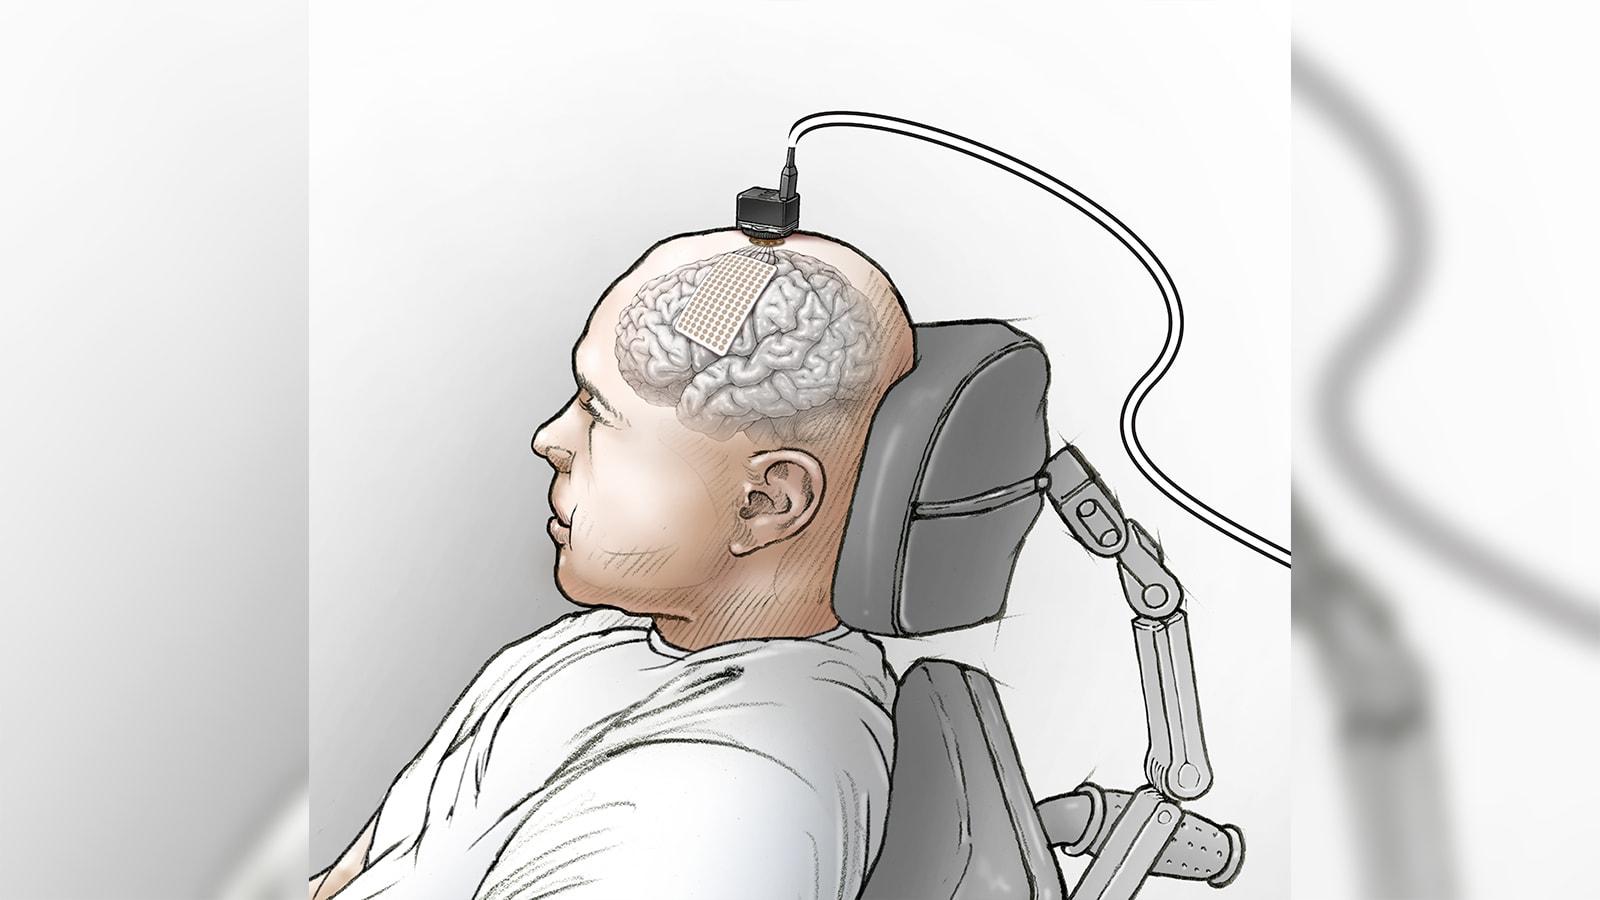 """غرسة في الدماغ تساعد رجلاً مشلولاً على """"التحدث"""" من خلال الكمبيوتر"""